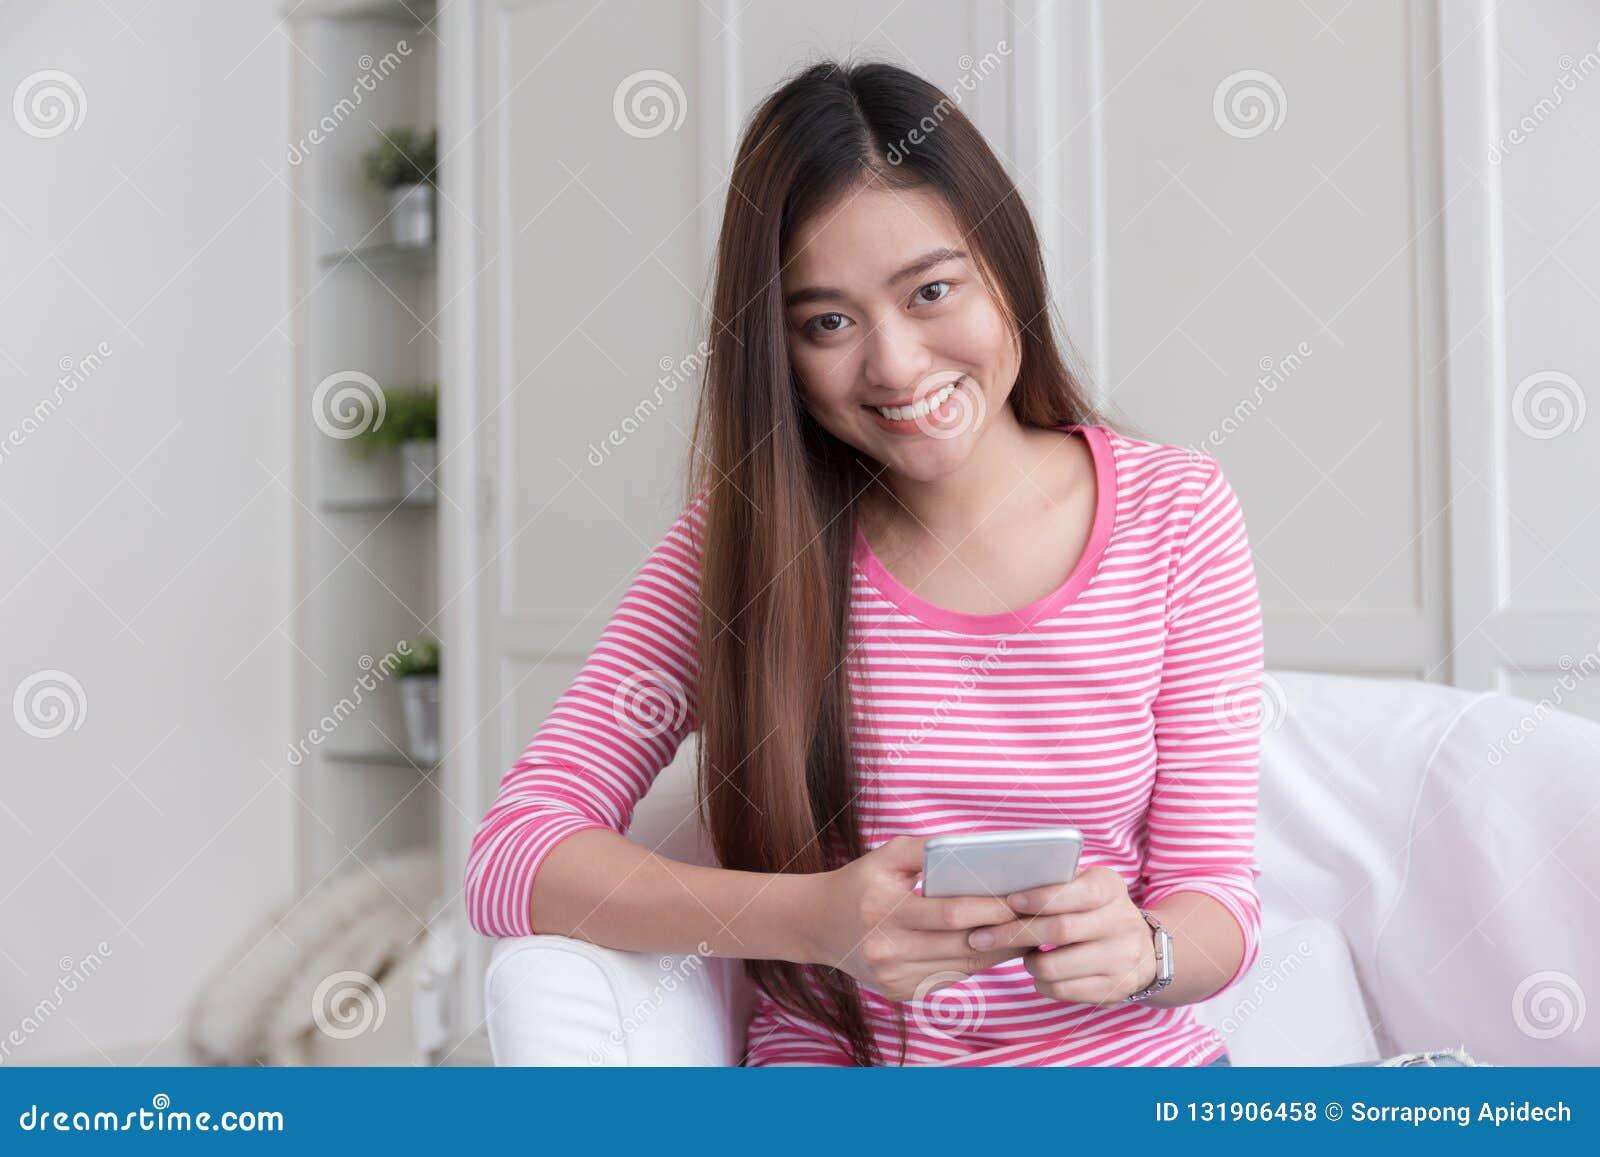 Asiatin ist lächelnd und mit Smartphone auf unscharfem backgroun